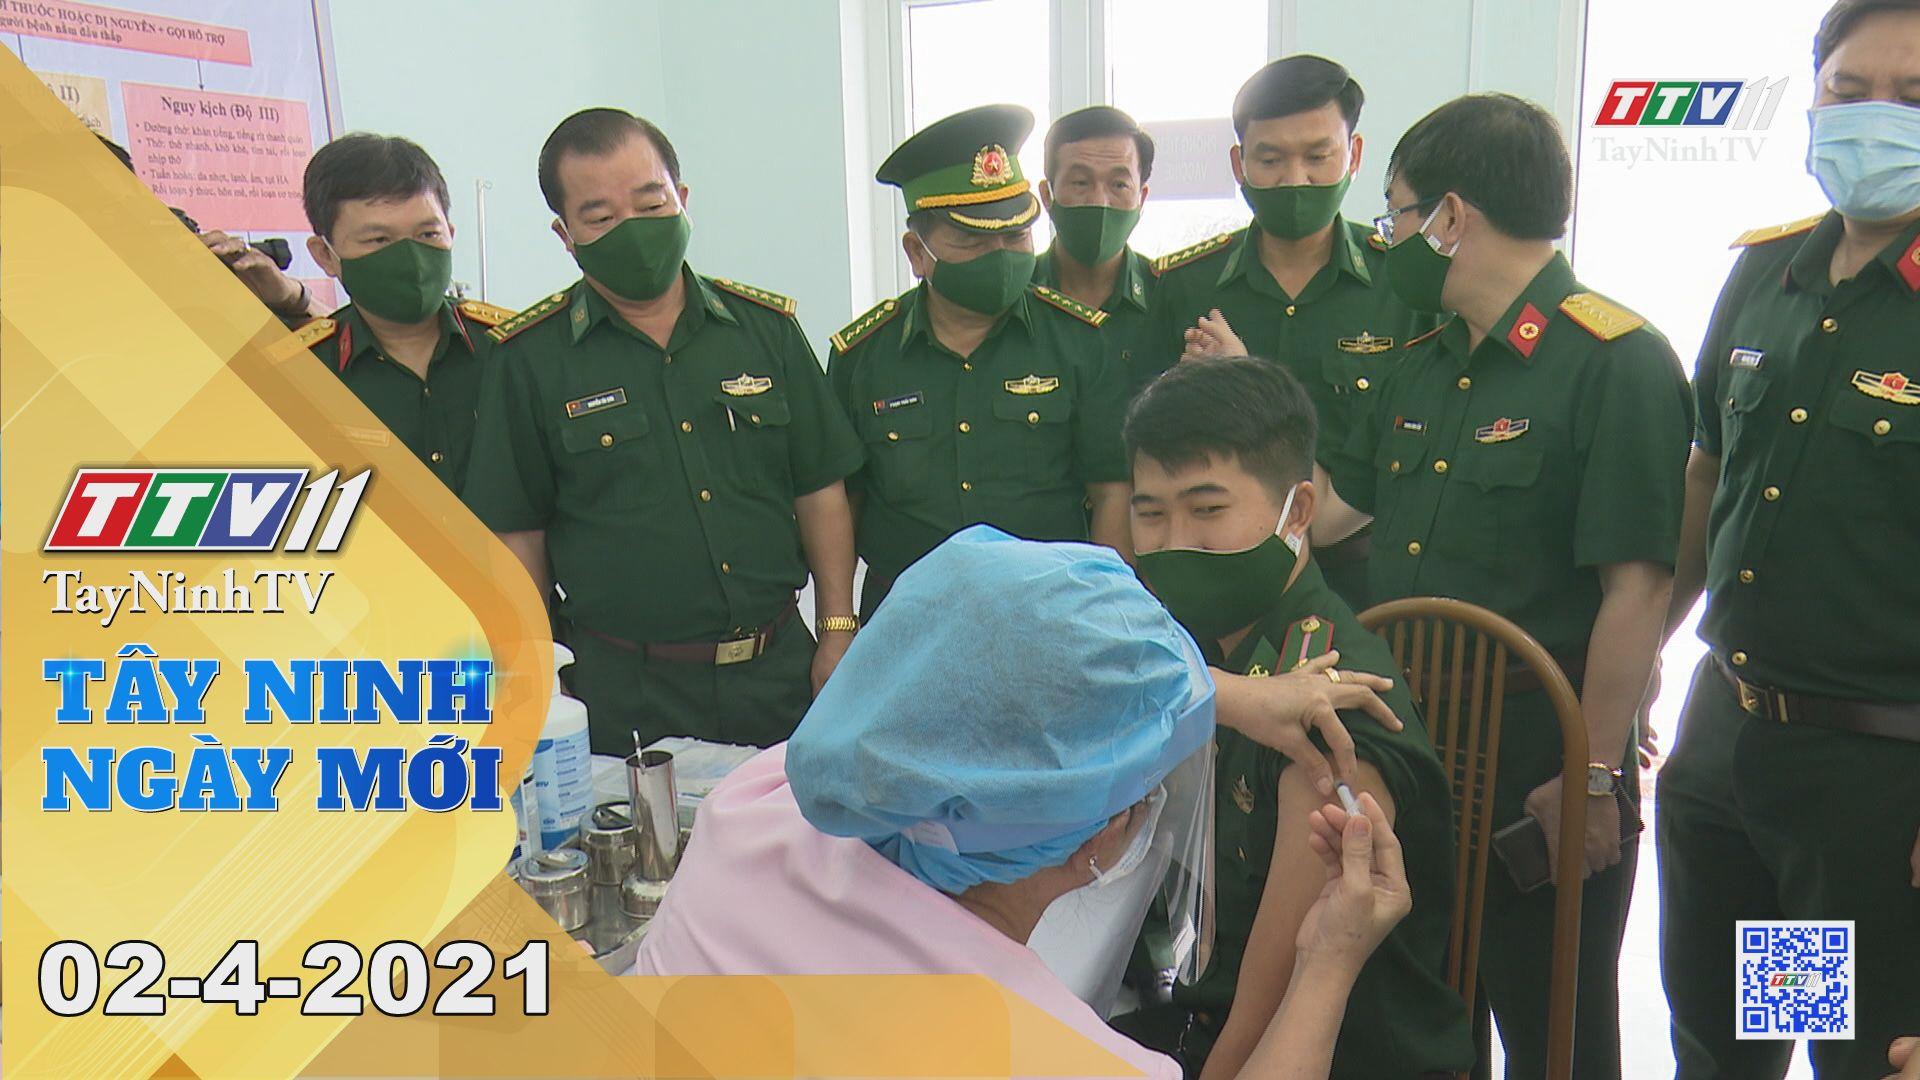 Tây Ninh Ngày Mới 02-4-2021 | Tin tức hôm nay | TayNinhTV